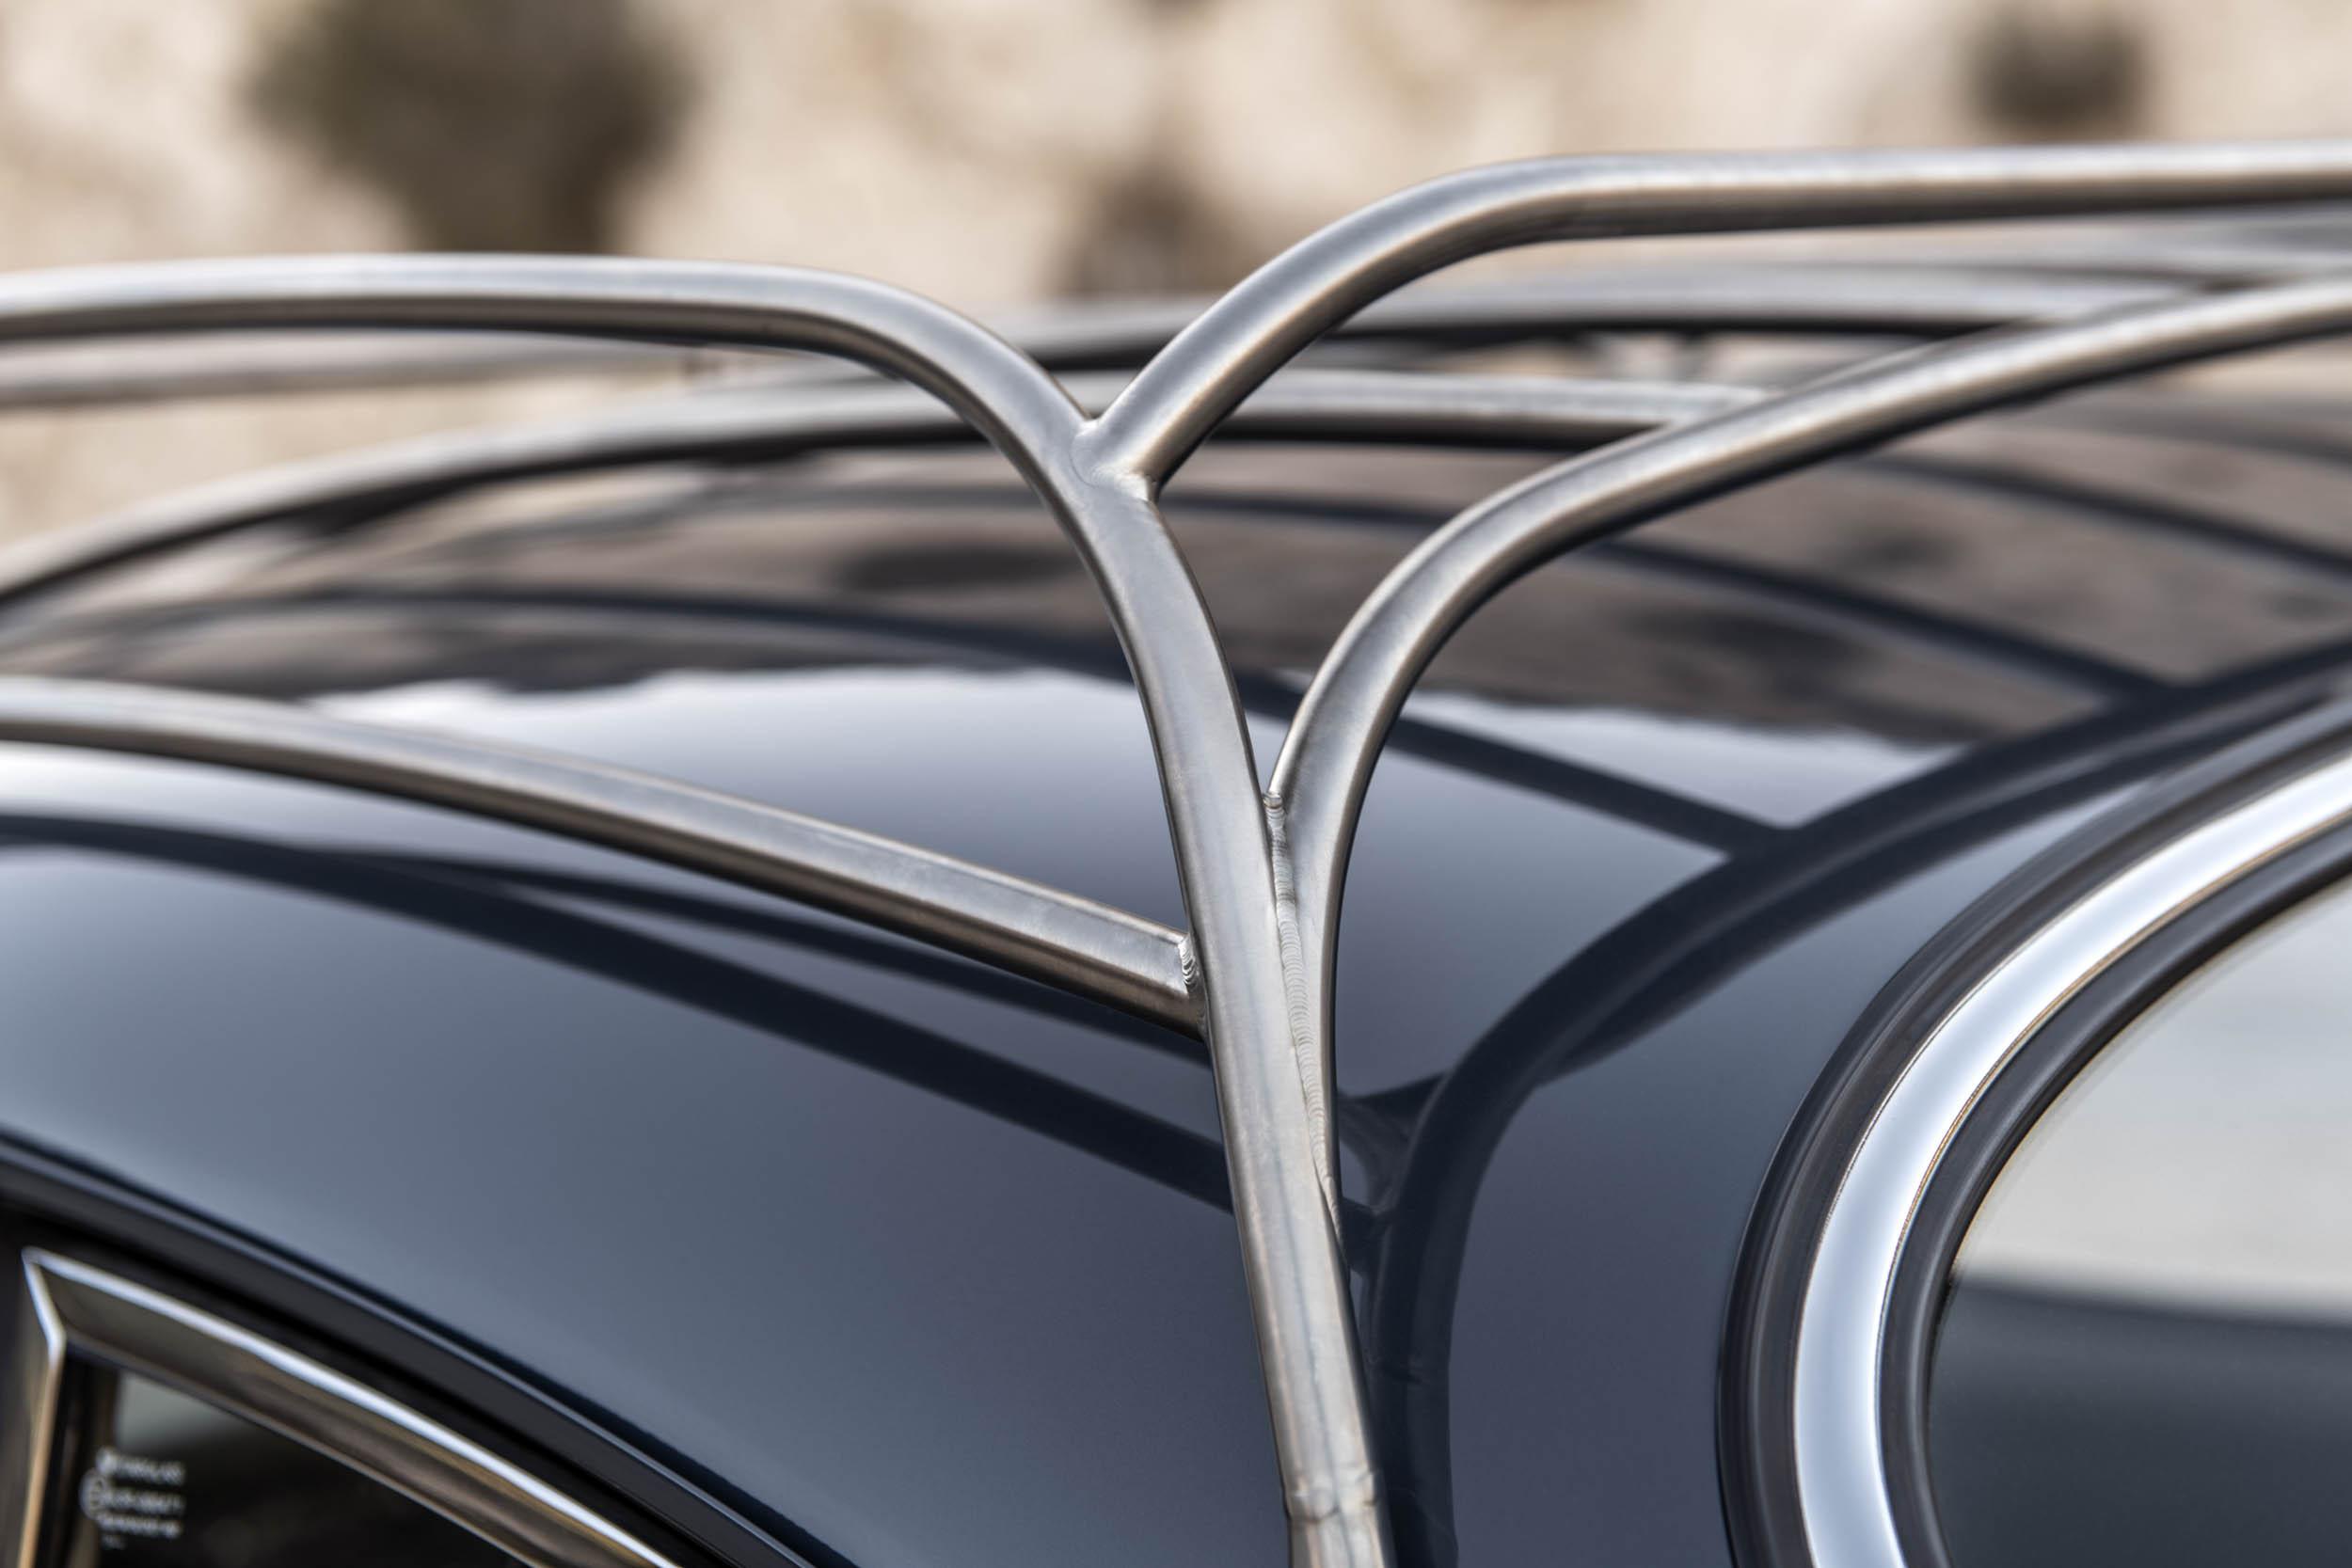 Emory Porsche 356 C4S Allrad roof rack welds